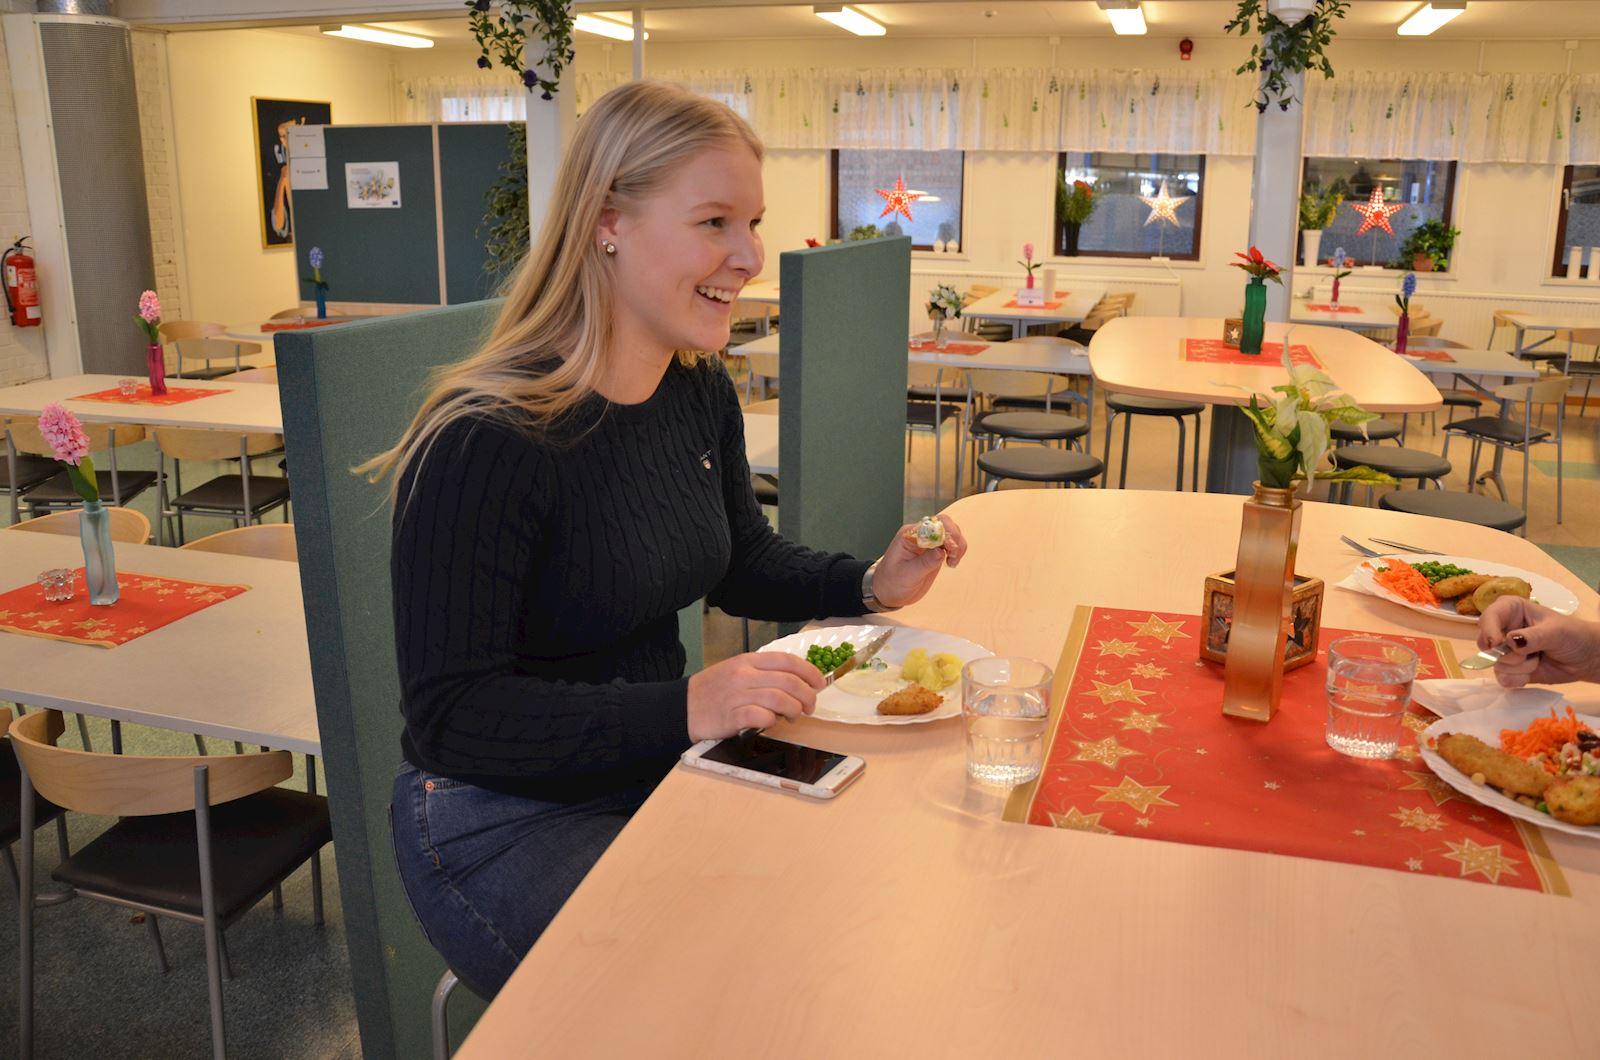 Linda Westerlund sitter vid ett bort och äter mat.